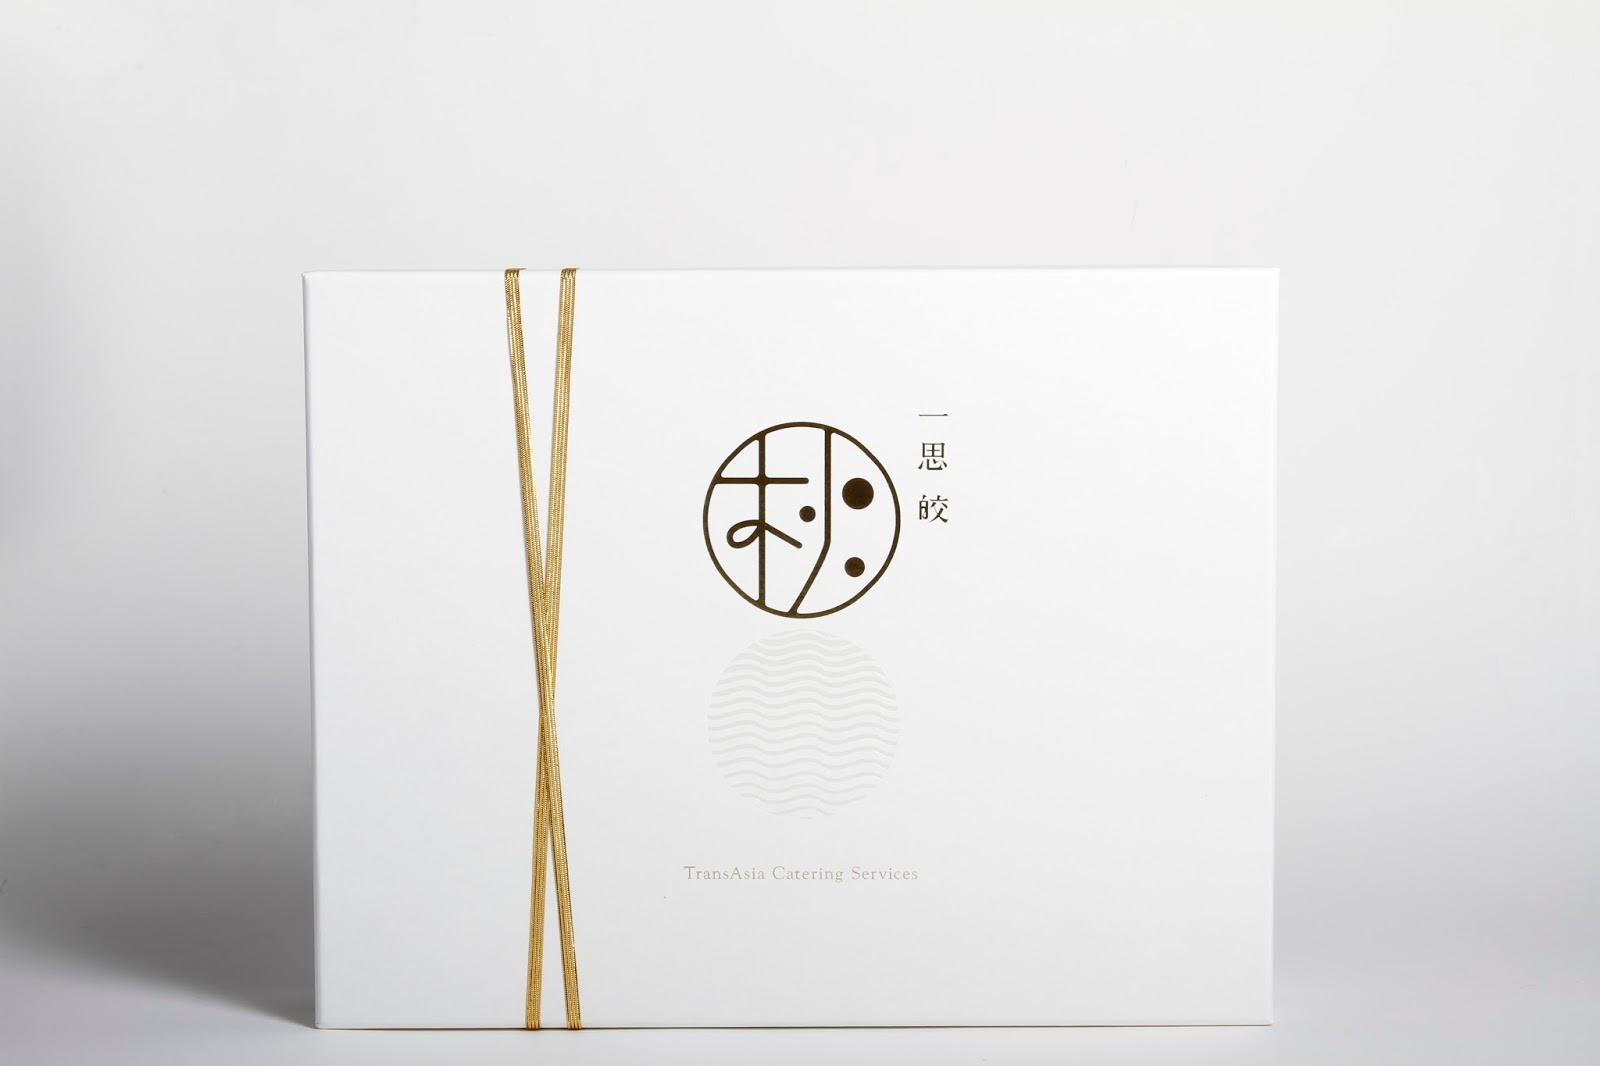 名象品牌形象策略 Elite Branding Group 一思皎 復興空廚 中秋禮盒主題發想、包裝設計 名象說 名象品牌形象策略,您完整的形象品牌整合服務 Ebg Total